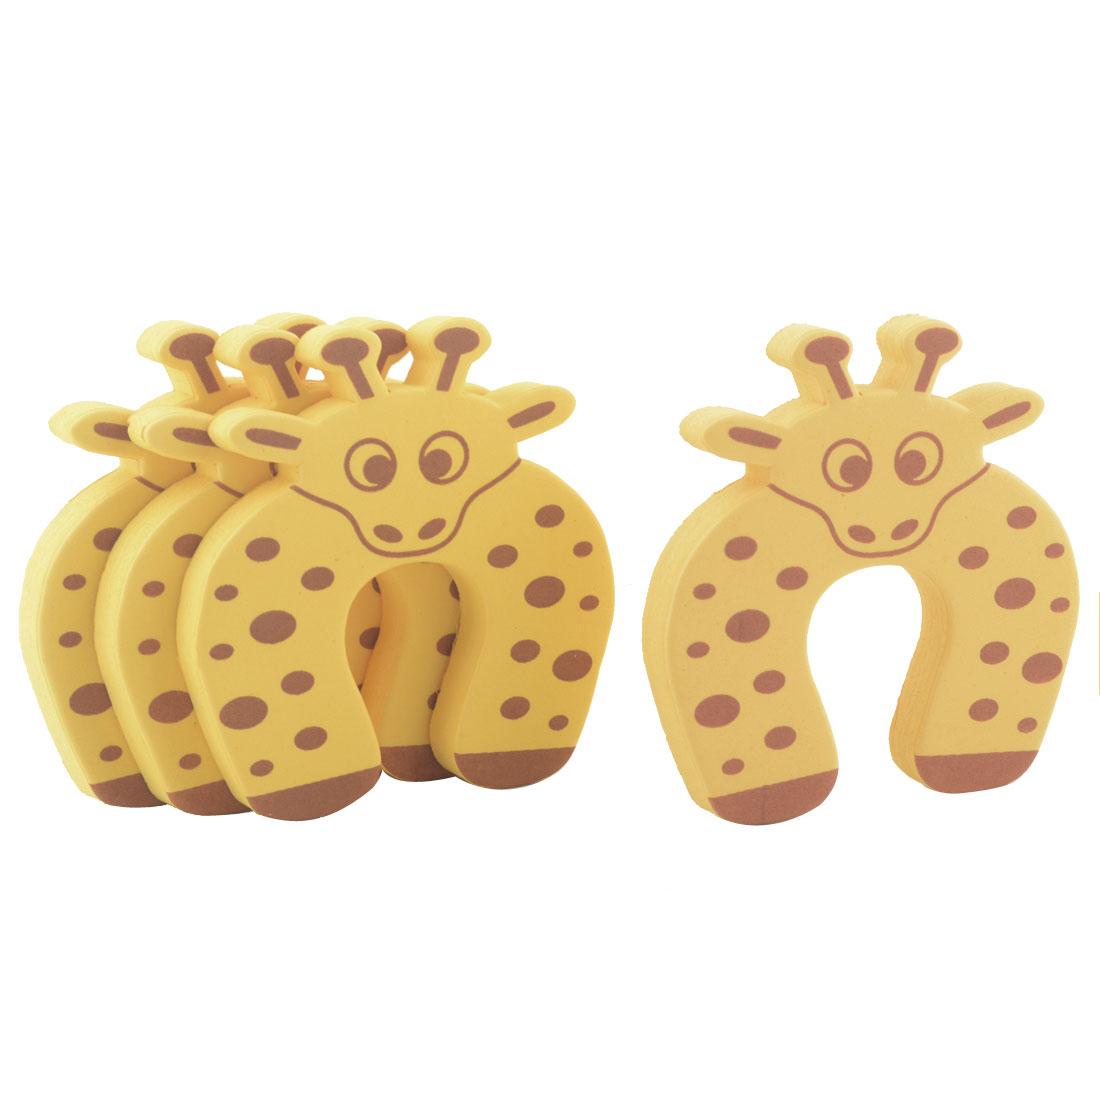 4 Pcs Cartoon Giraffe    Finger Pinch Guard Foam Door Stop Cushion Yellow